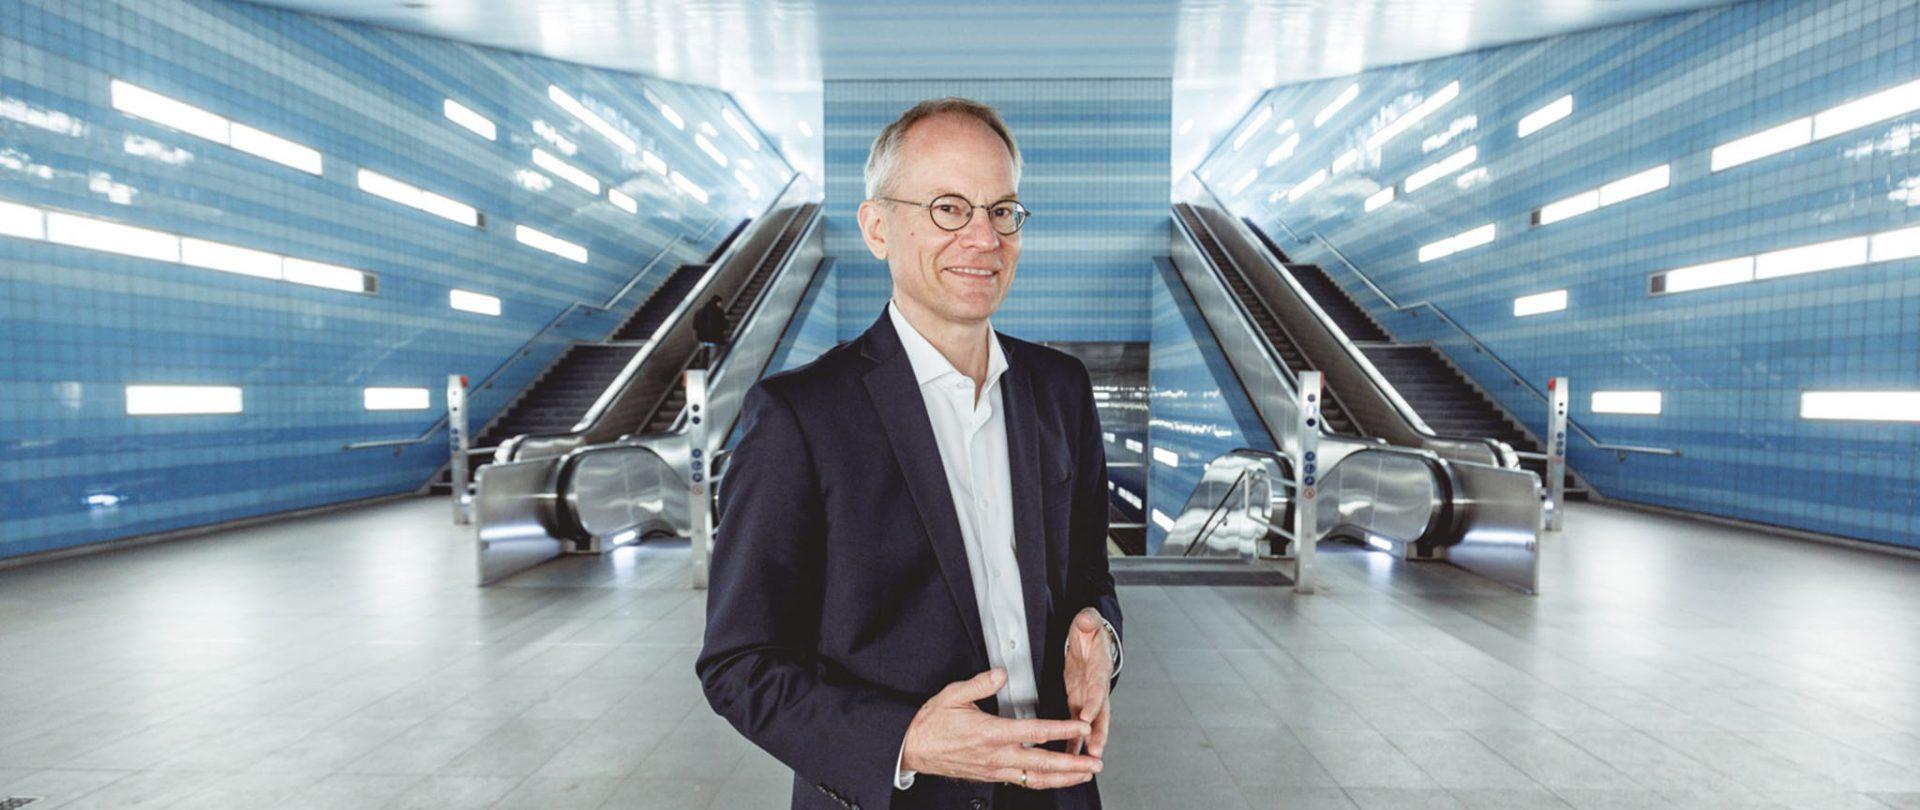 Dr. Stefan Kramer in U-Bahn-Station